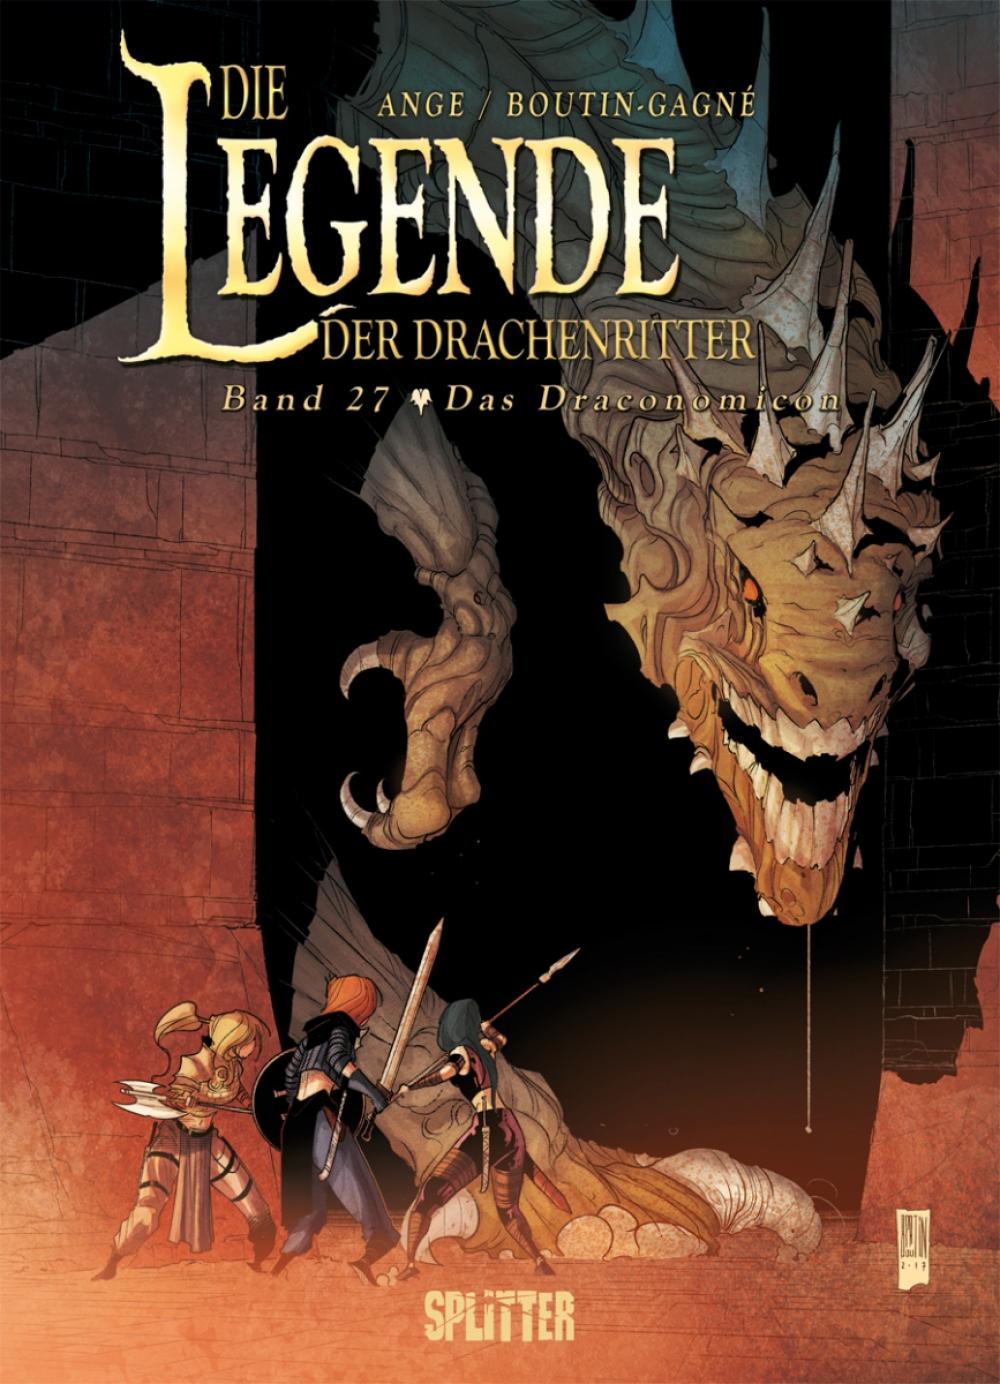 Die Legende der Drachenritter 27 : Das Draconomicon